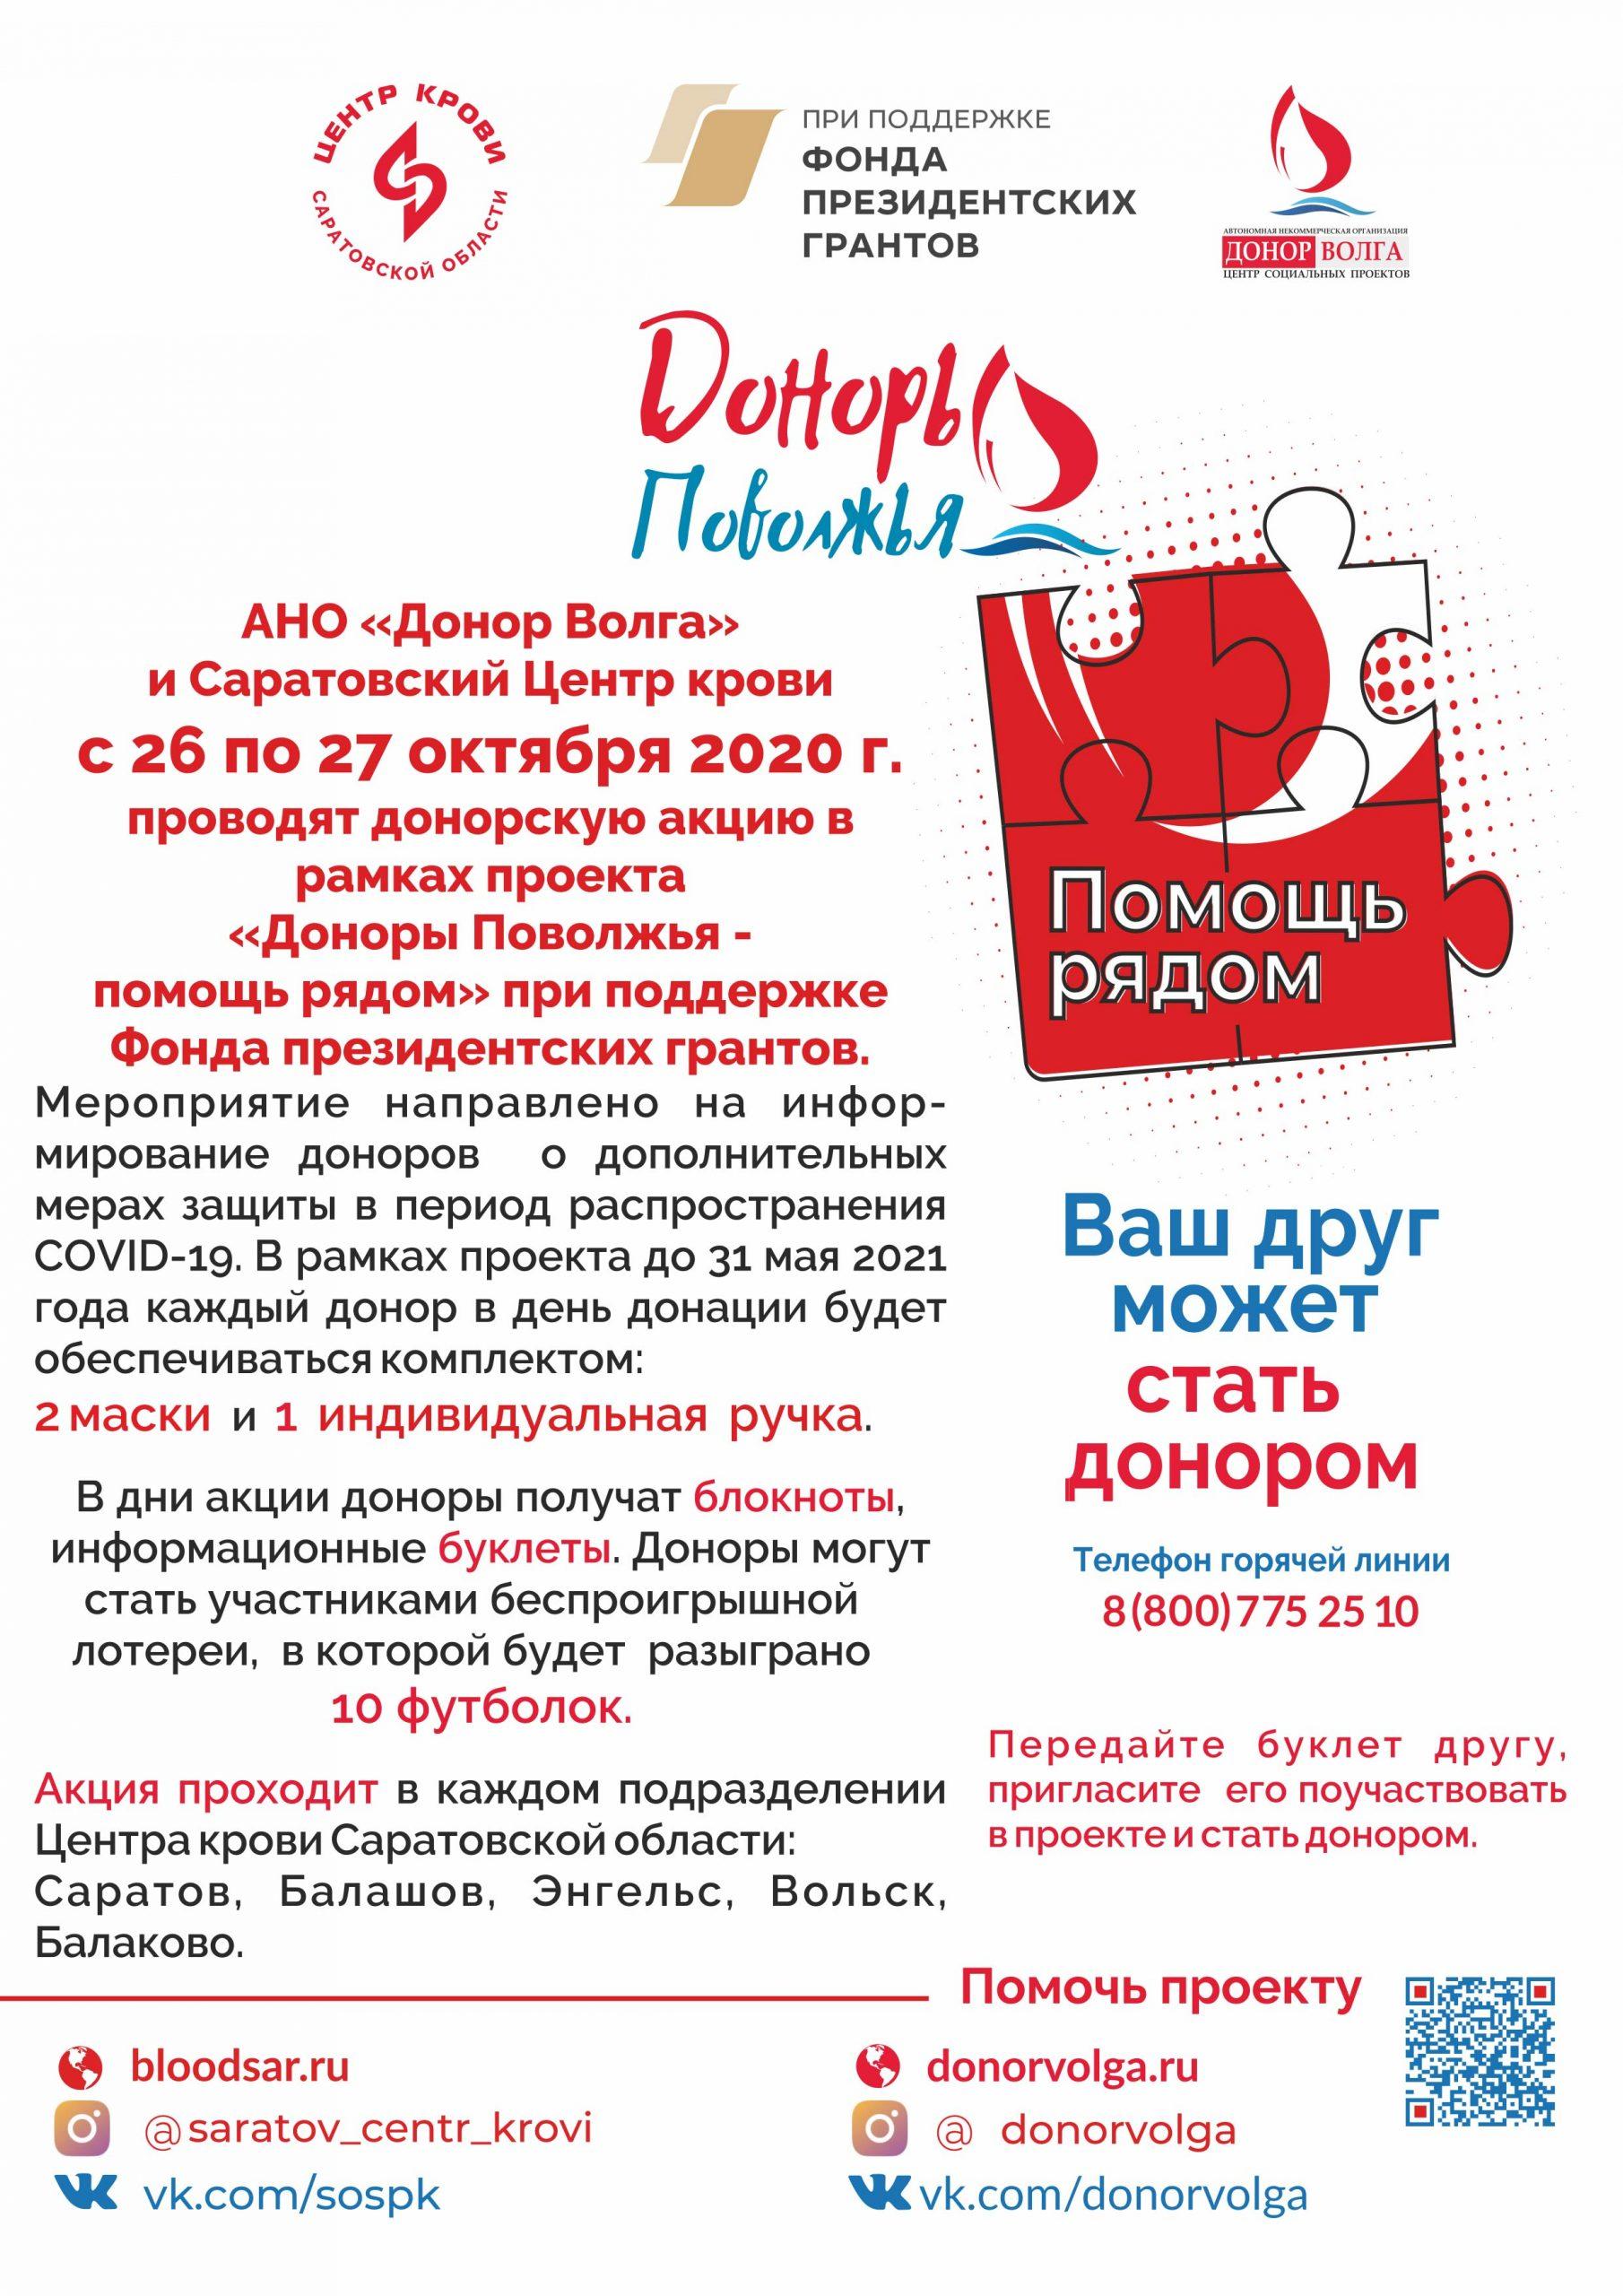 АНО «Донор Волга» и Саратовский Центр крови с 26 по 27 октября 2020 г. проводят донорскую акцию в рамках проекта «Доноры Поволжья - помощь рядом»